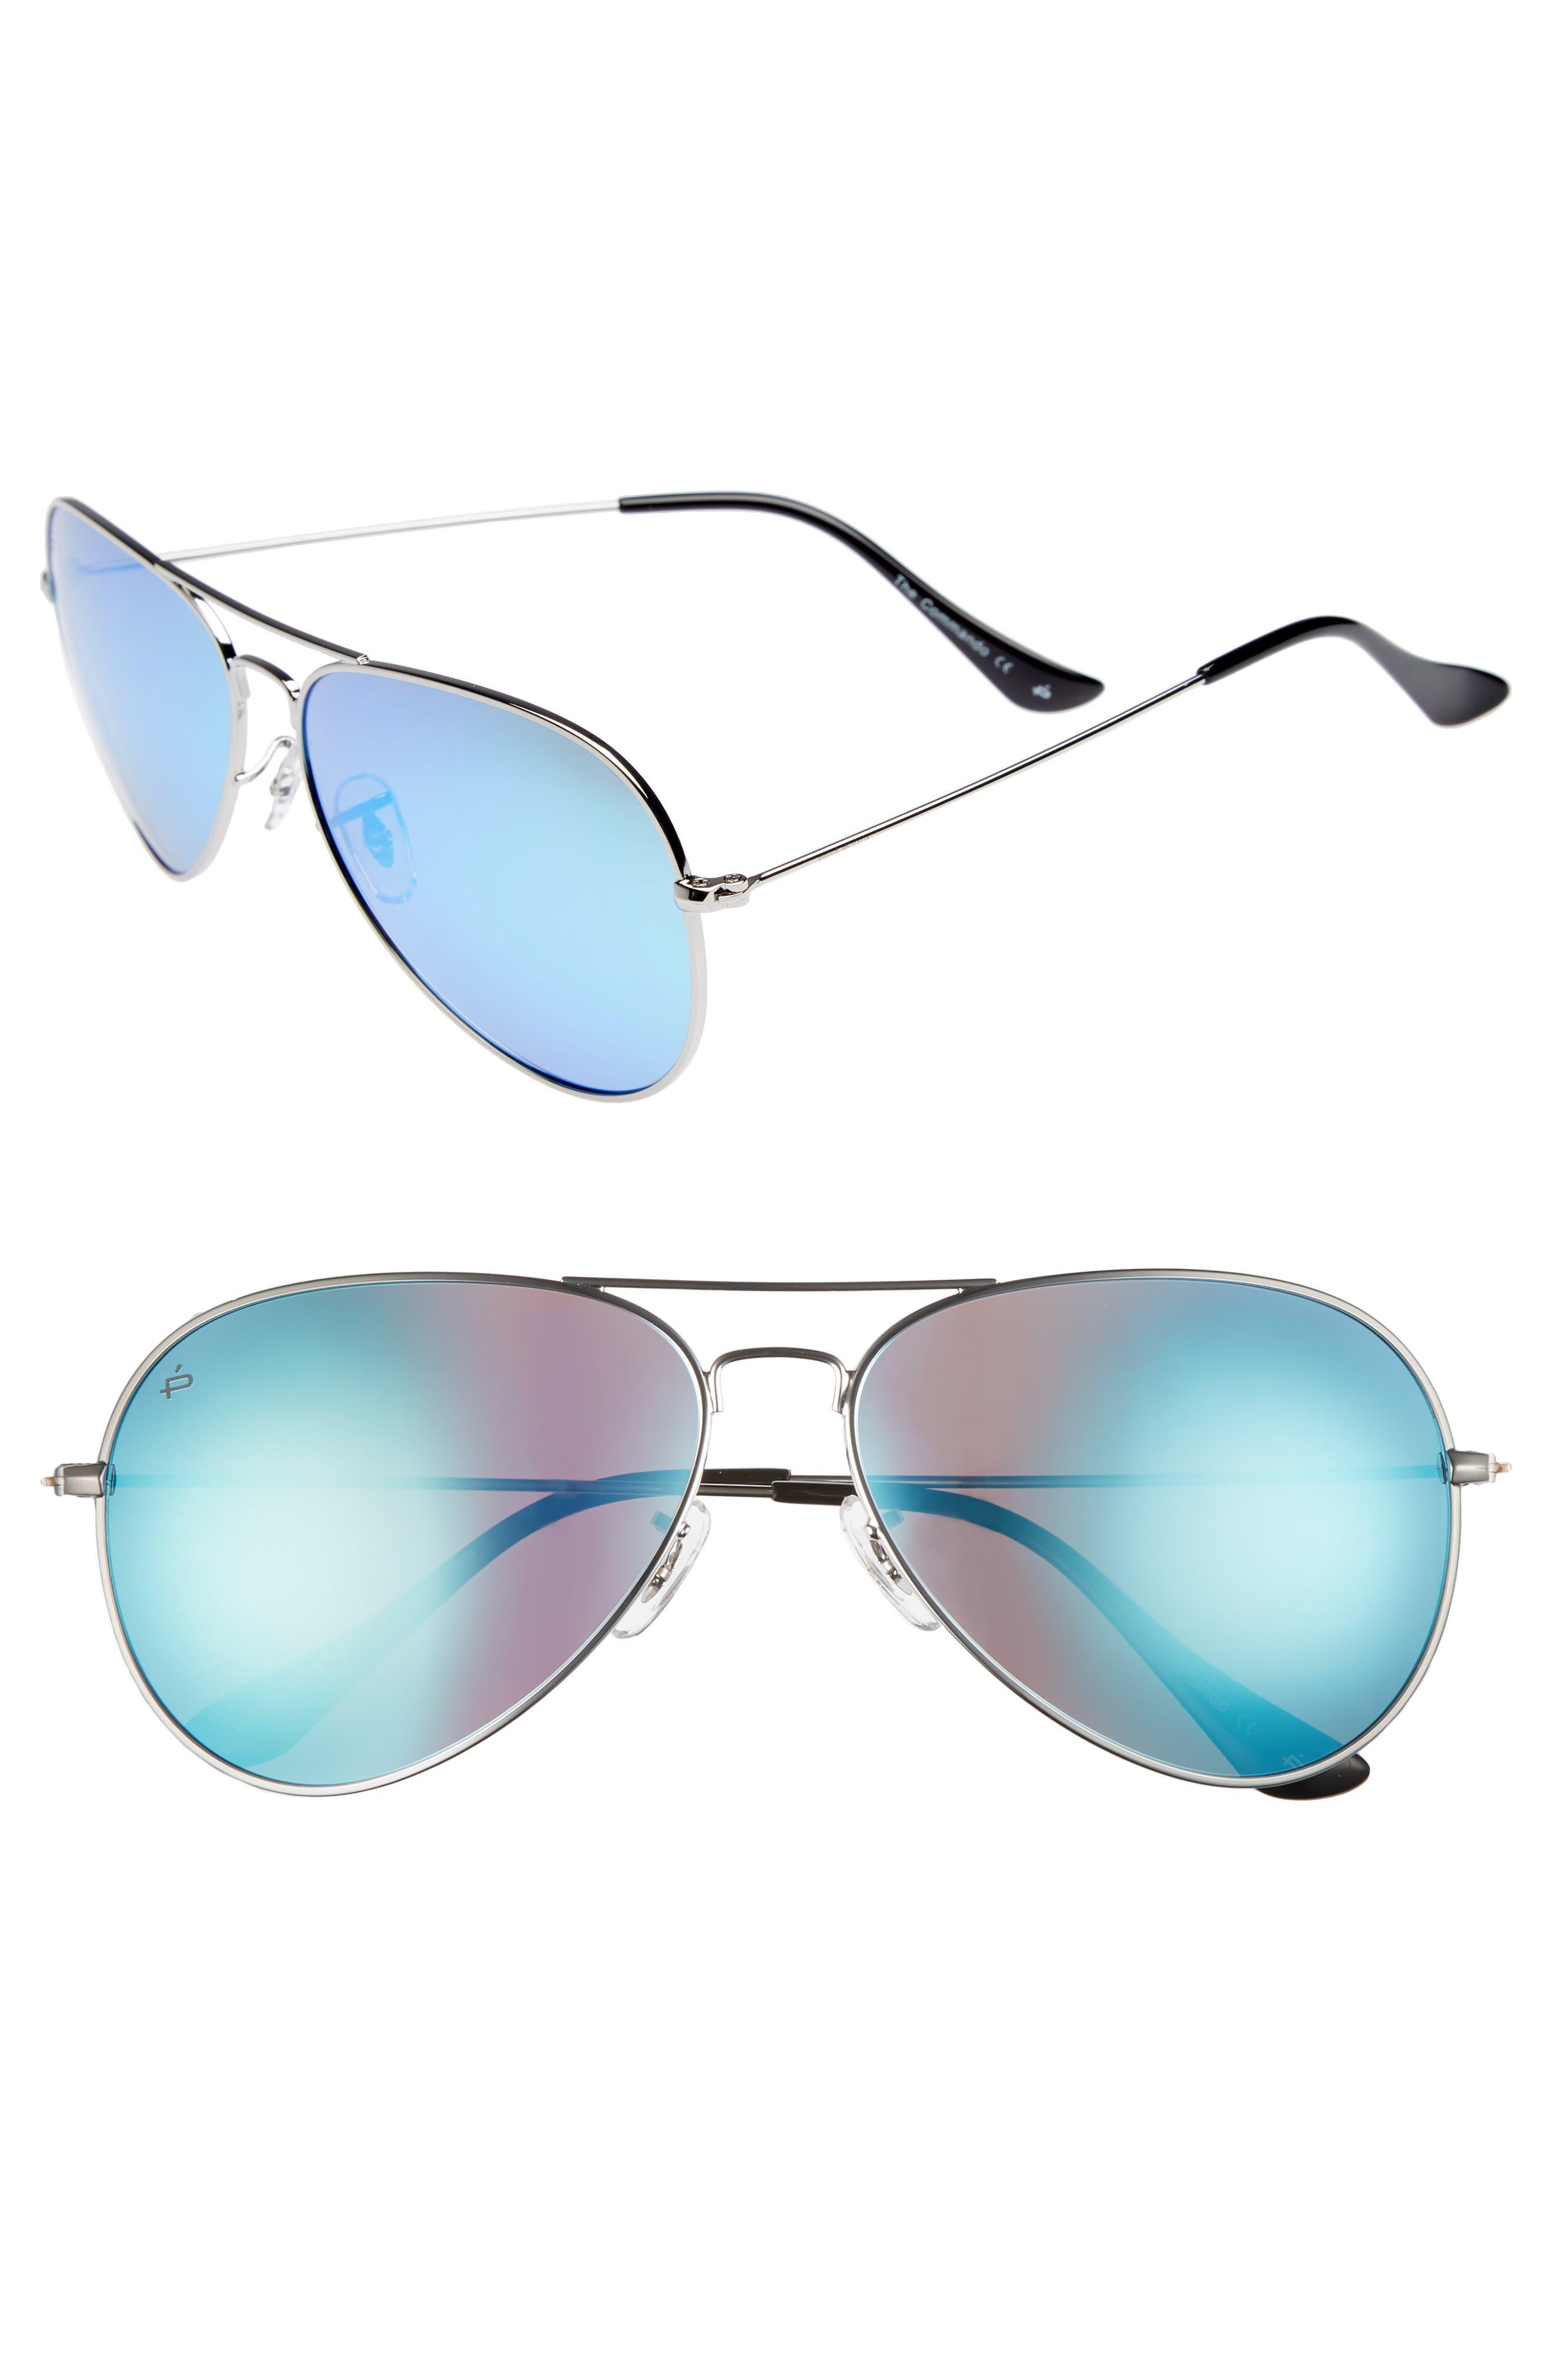 Privé Revaux The Commando 60mm Aviator Sunglasses